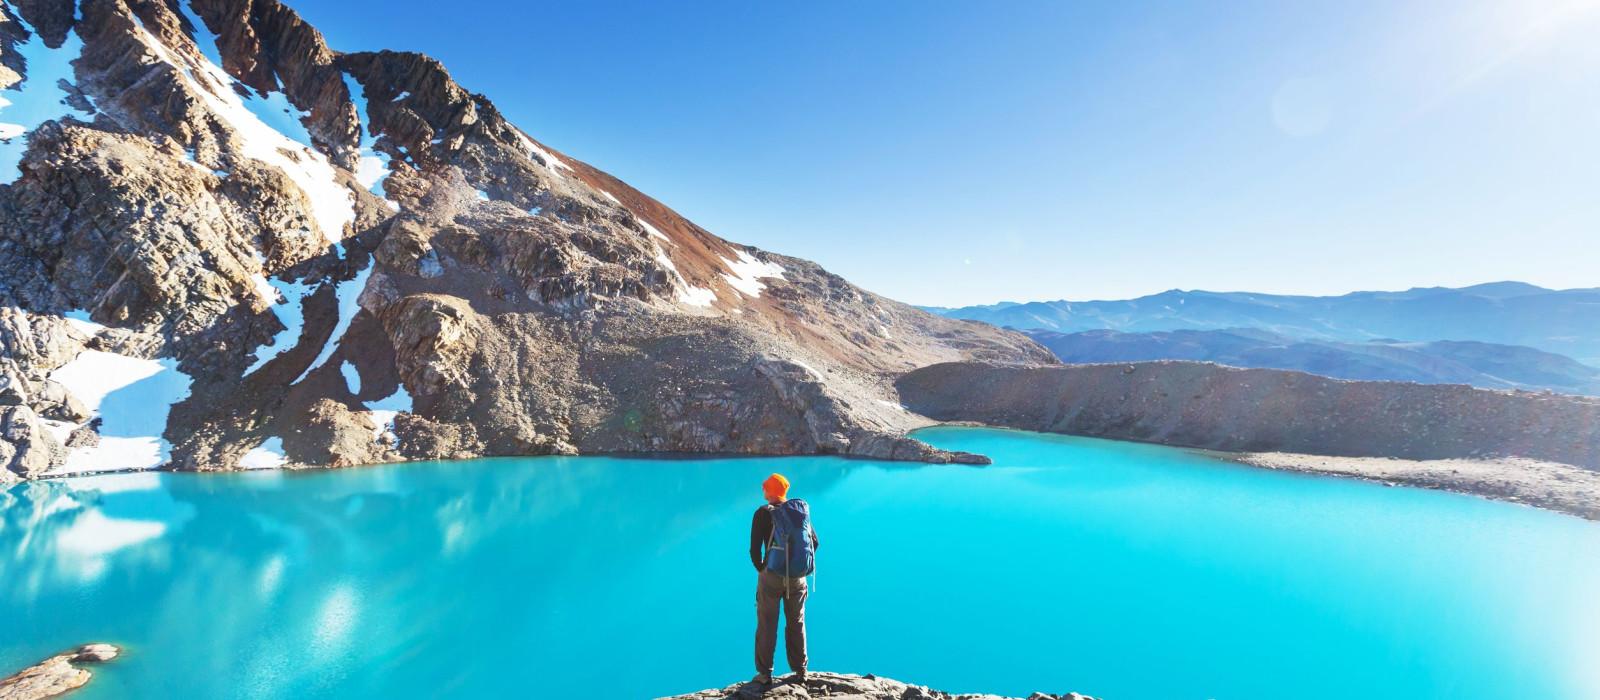 Wanderer blickt auf türkisblauen Gletschersee in Patagonien